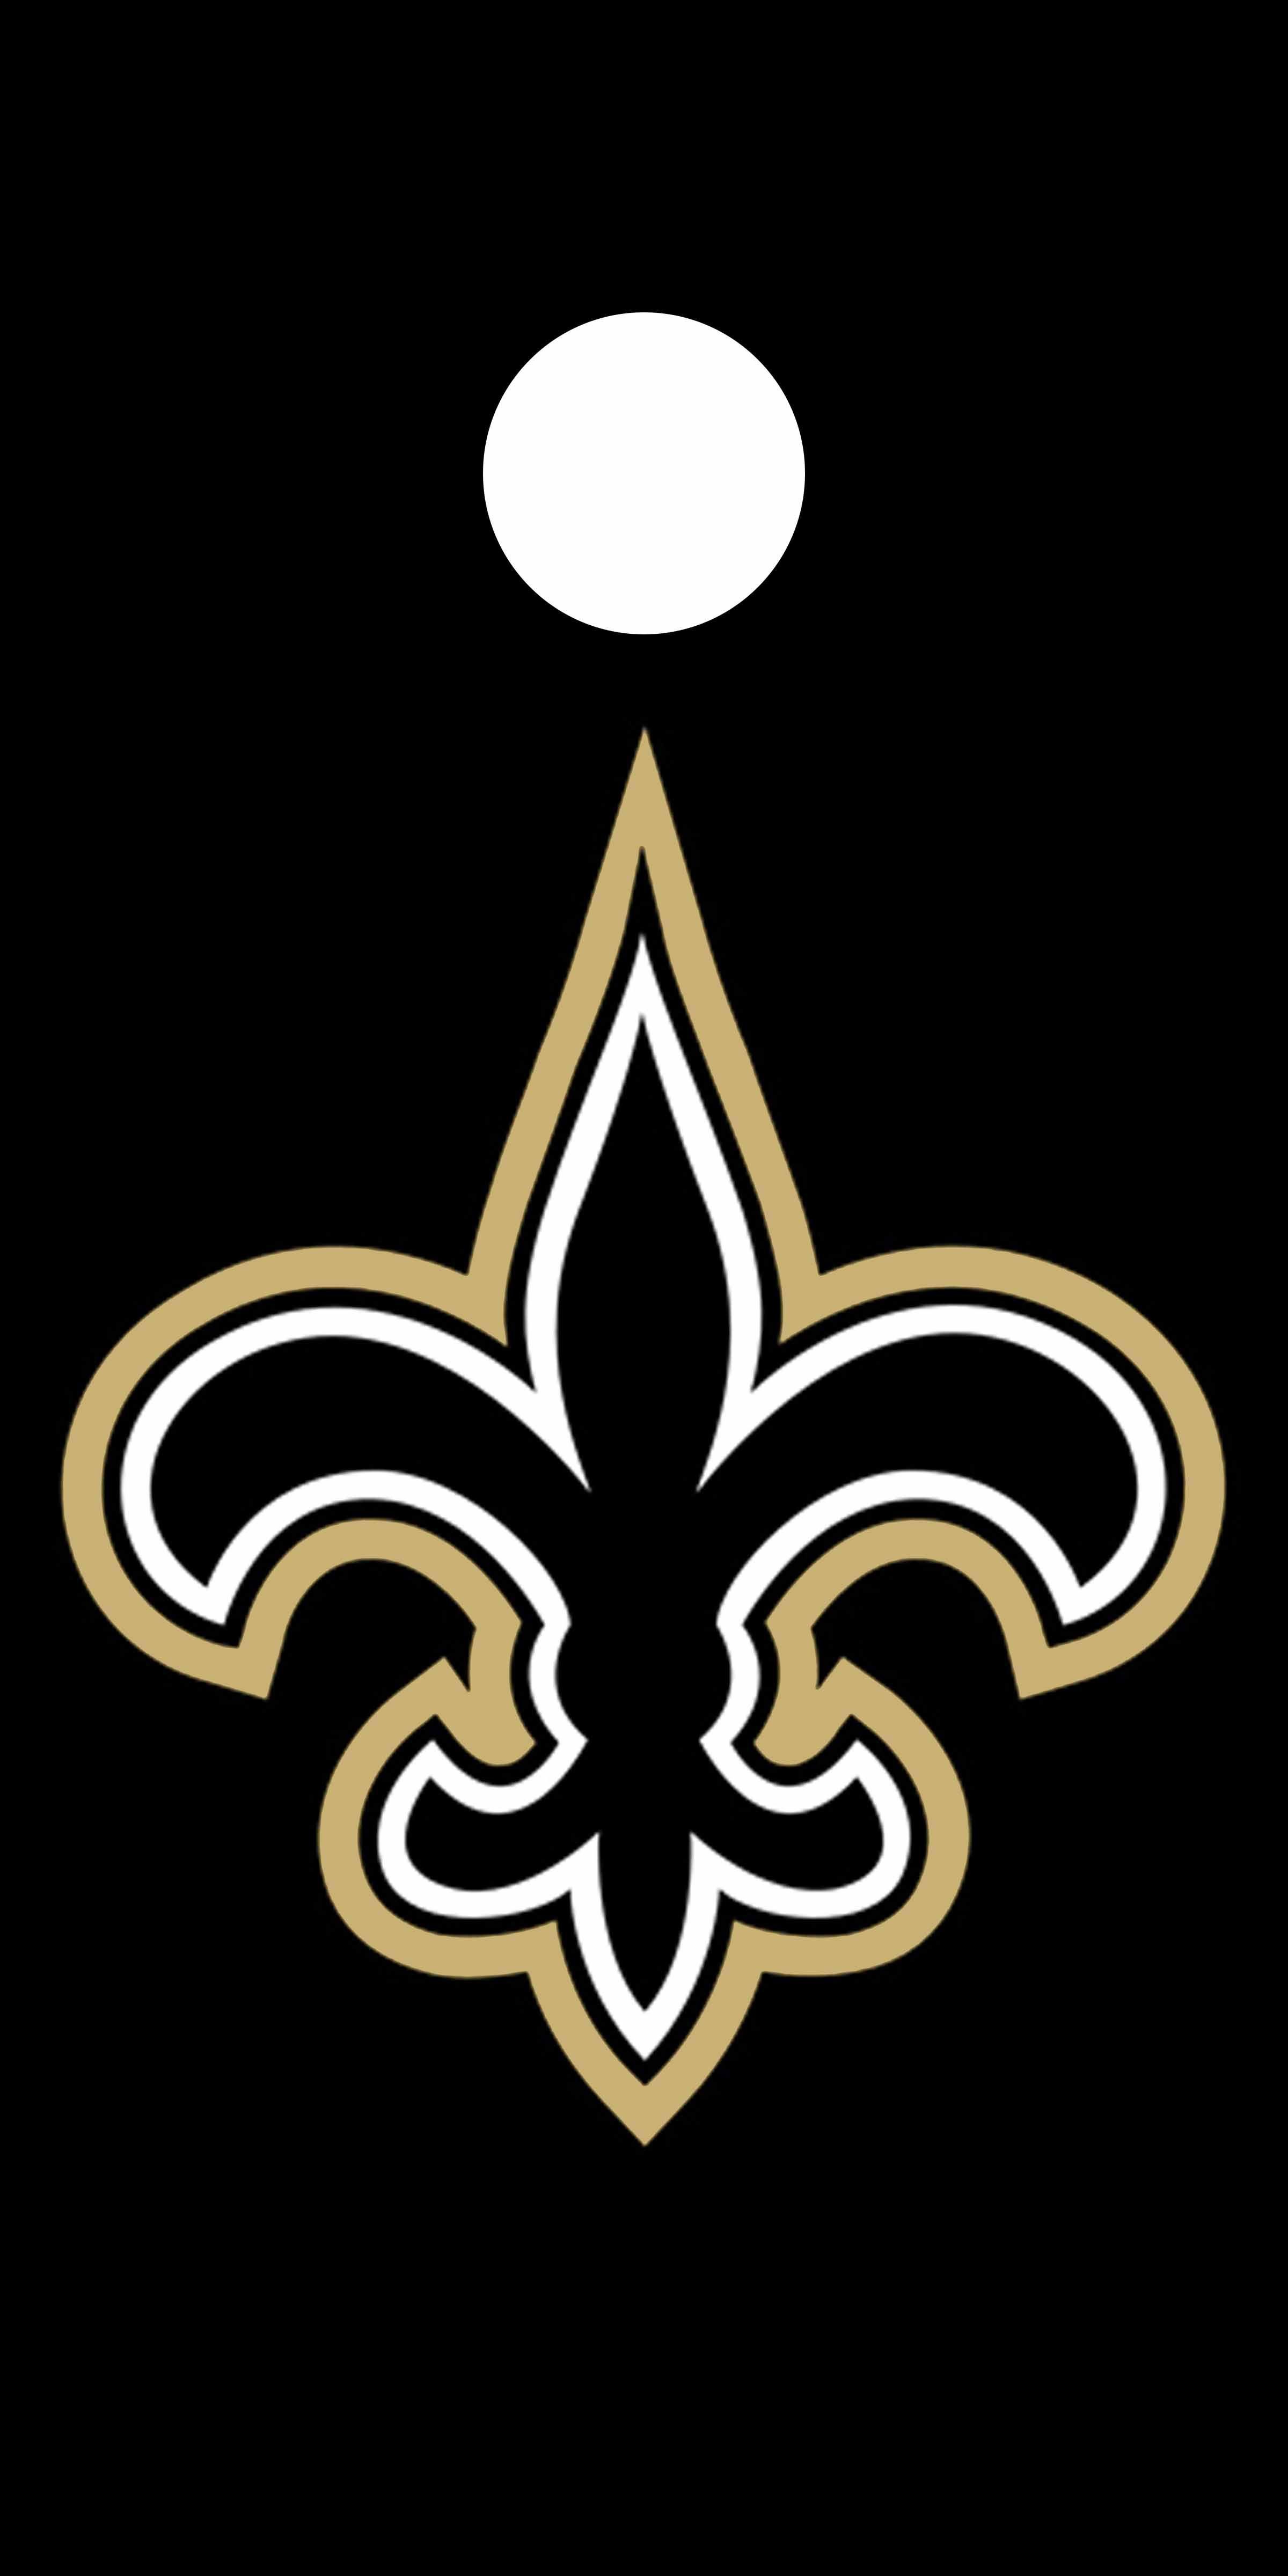 Saints New orleans saints logo, New orleans saints, New